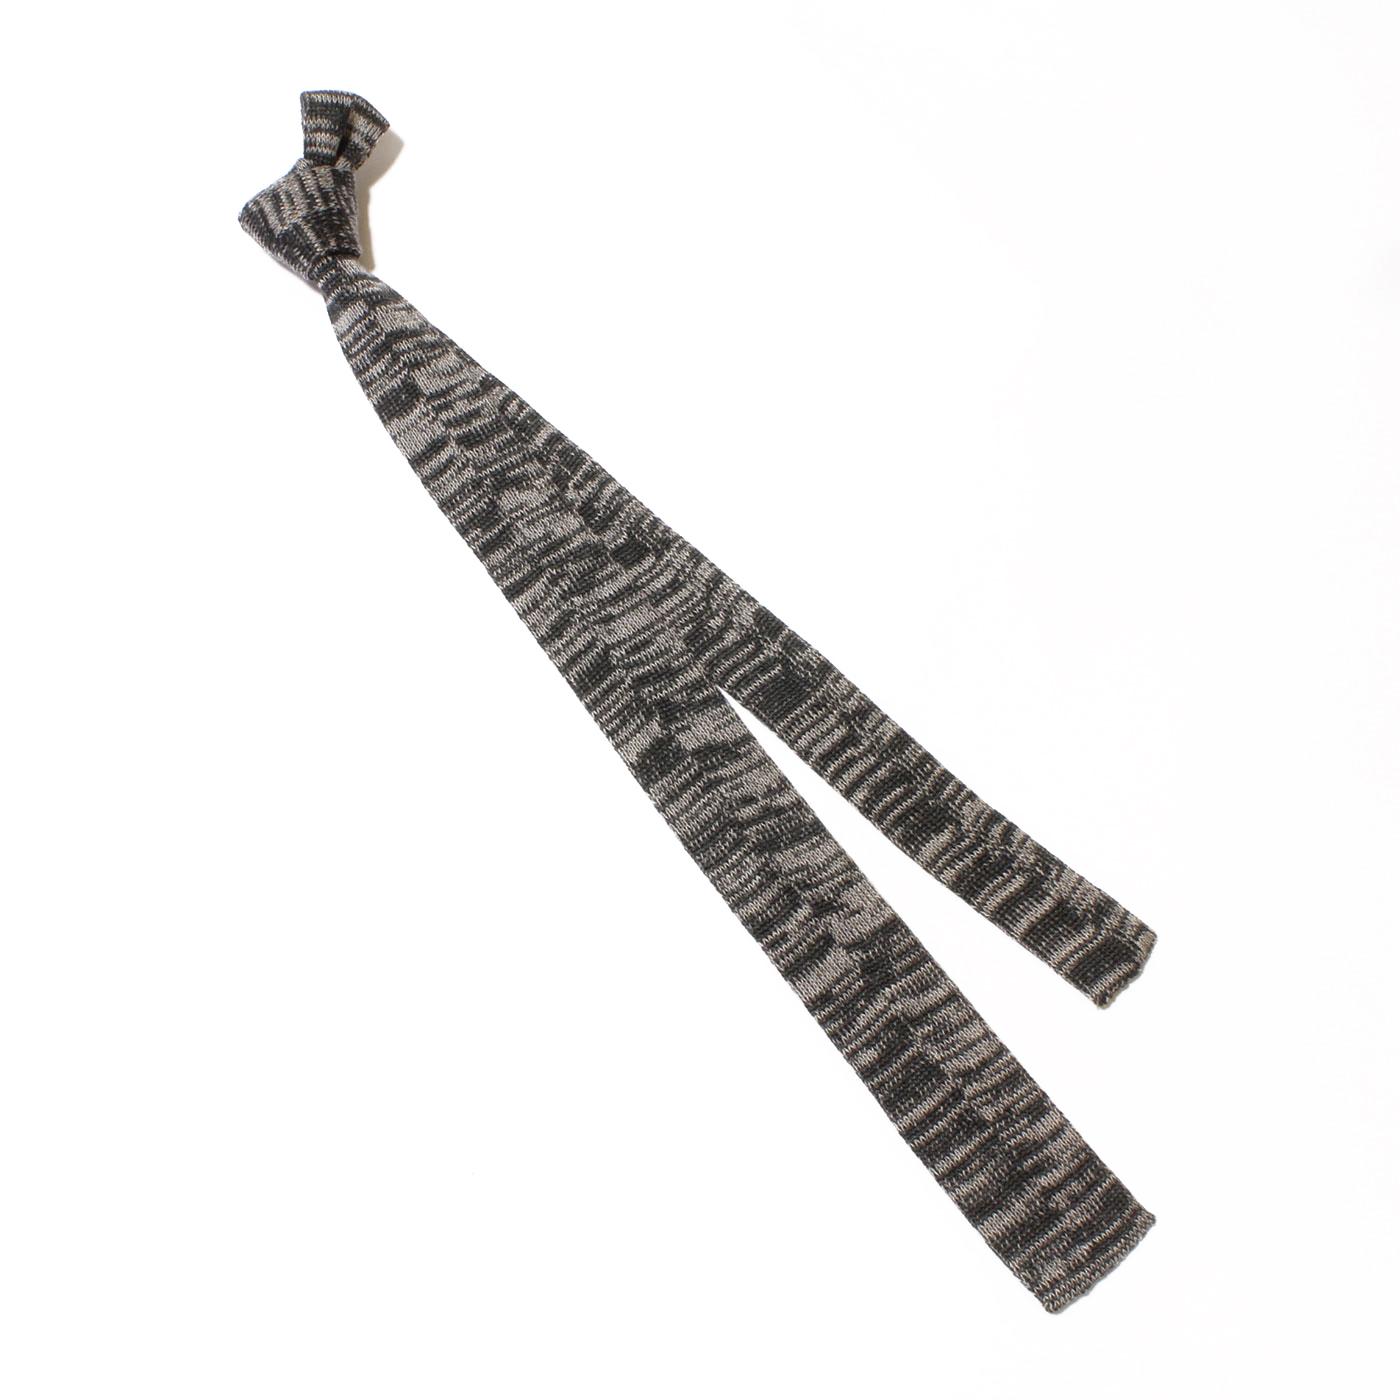 Knit tie gray glitch